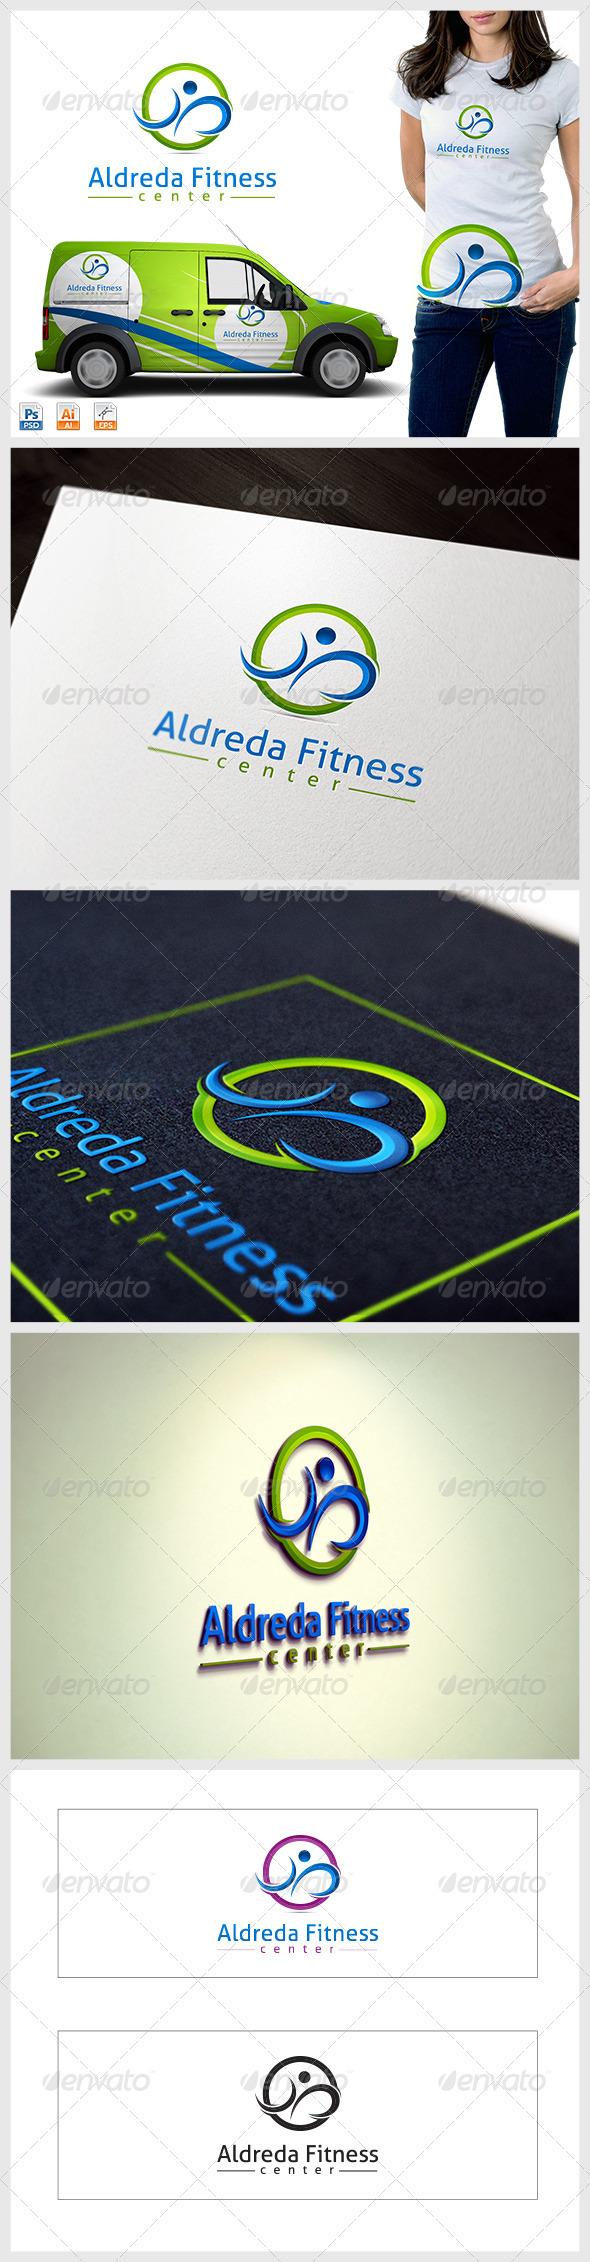 GraphicRiver Fitness Center logo 3762444